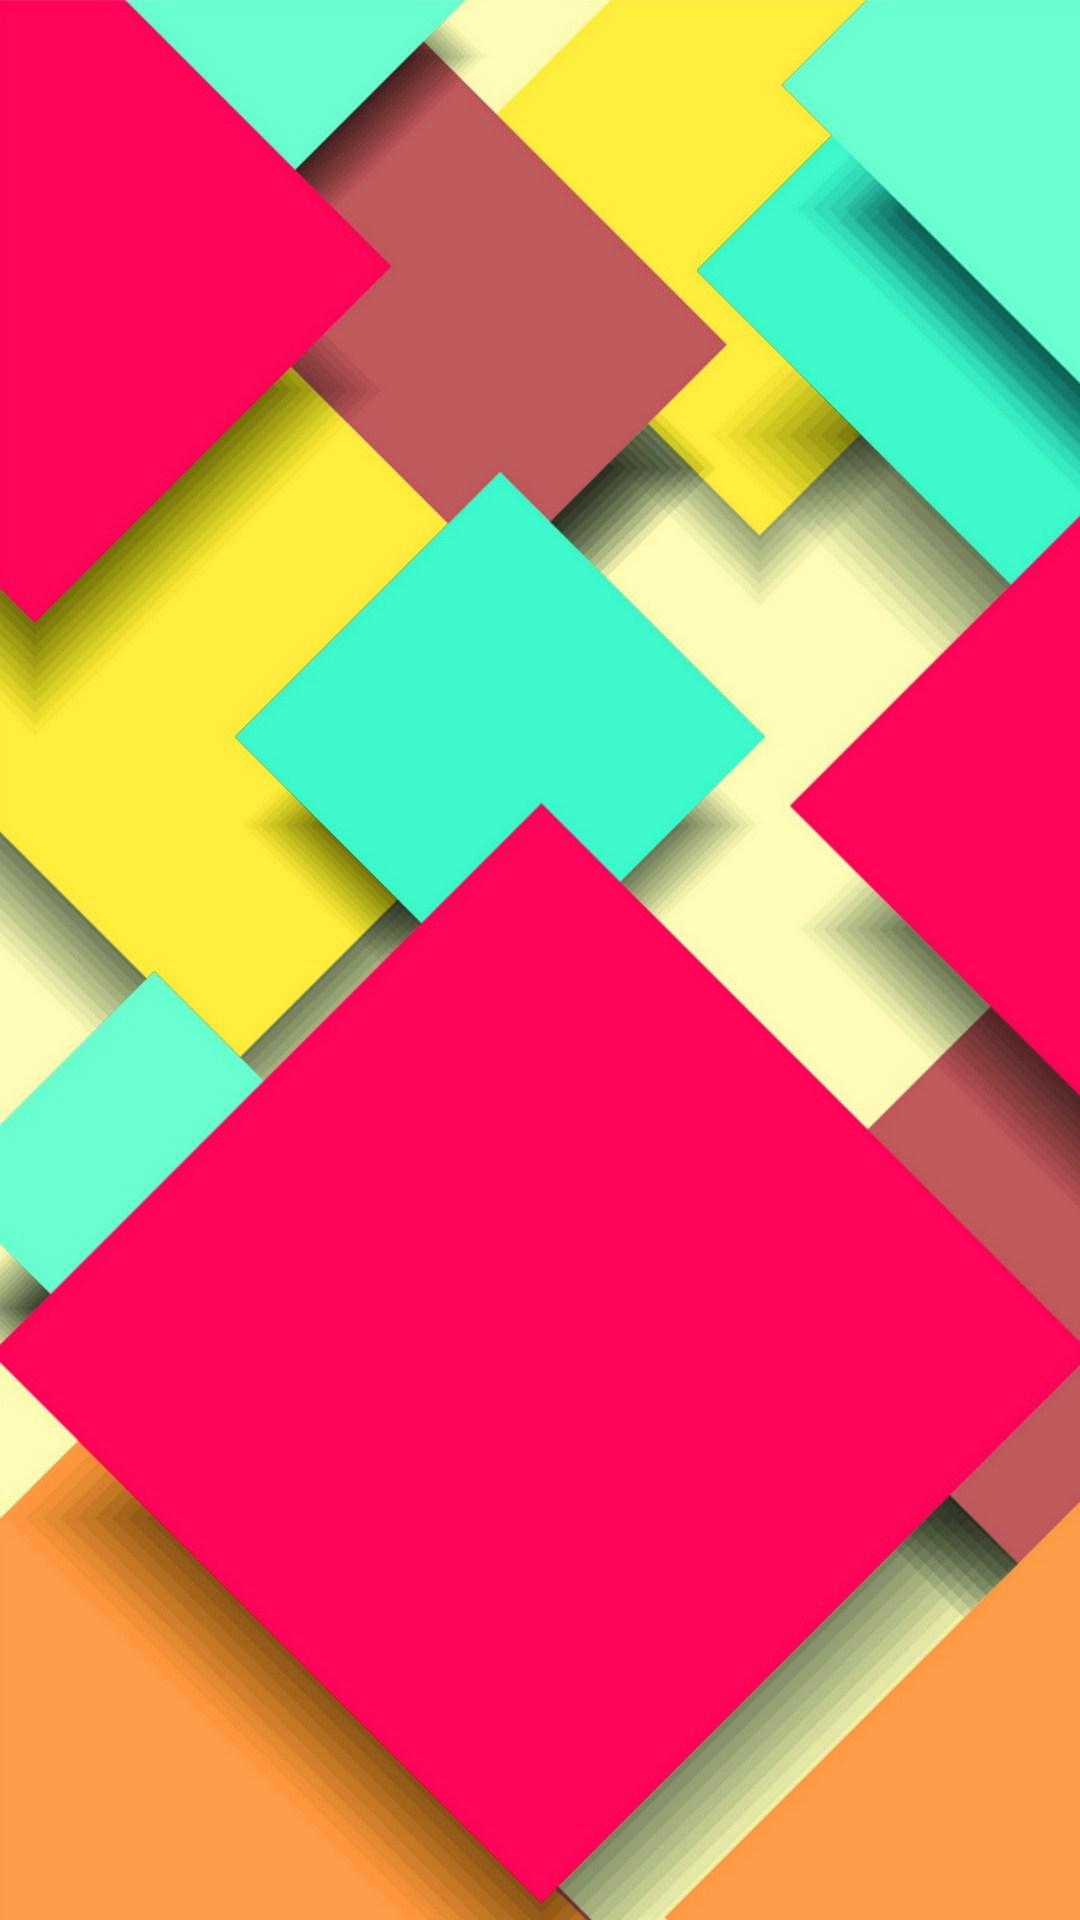 squares   iPhone 6 Plus FullHD wallpaper 1080x1920